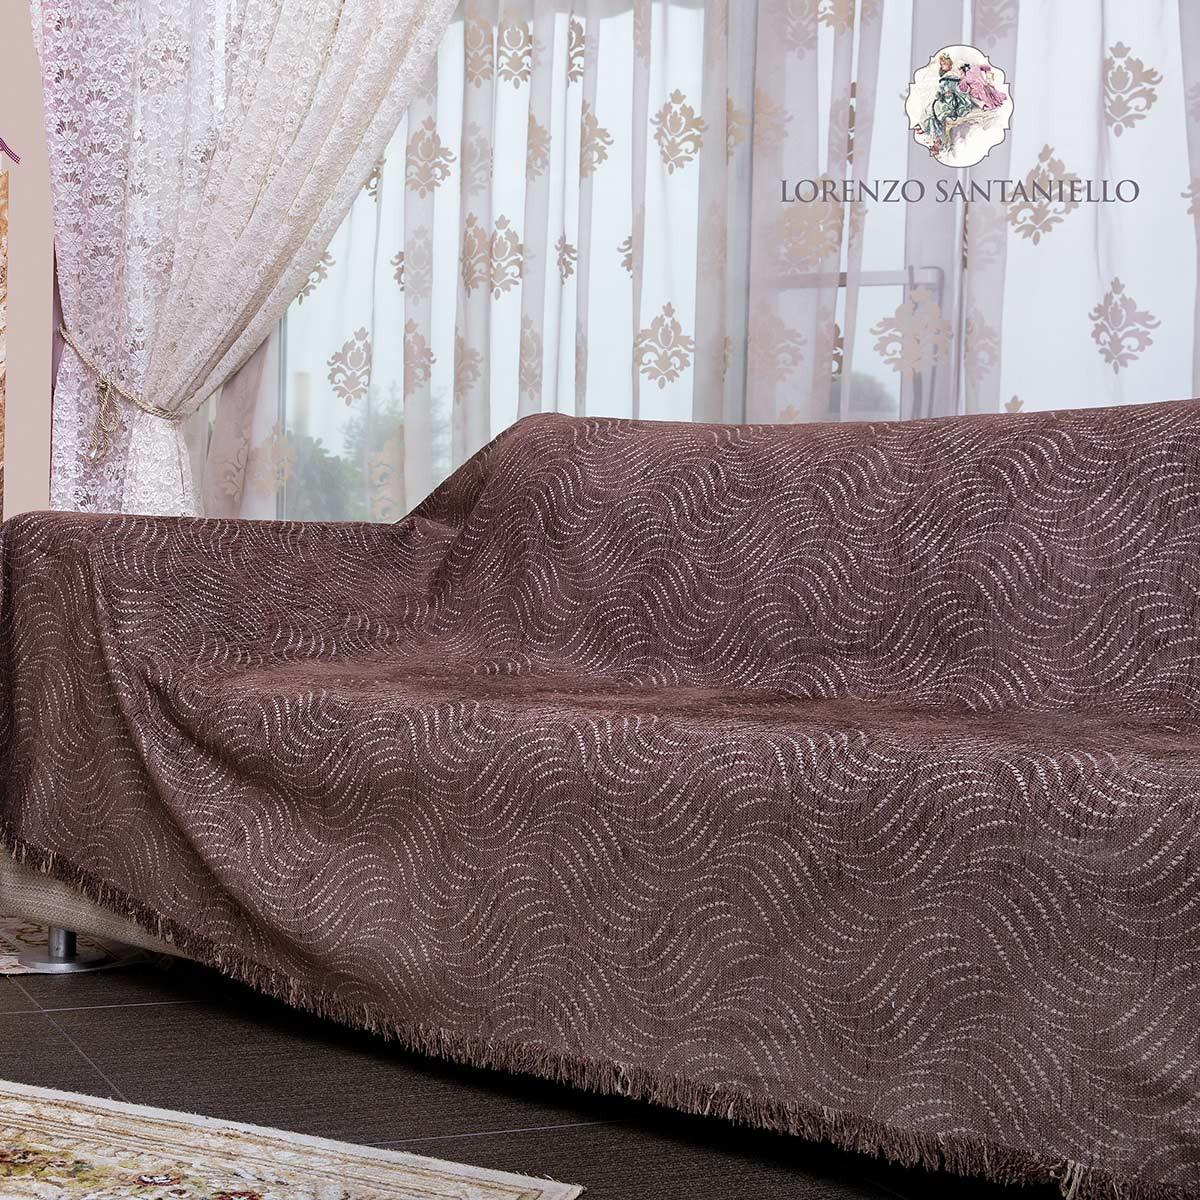 Ριχτάρι Πολυθρόνας (180x180) Lorenzo Santaniello Vueltas Brown